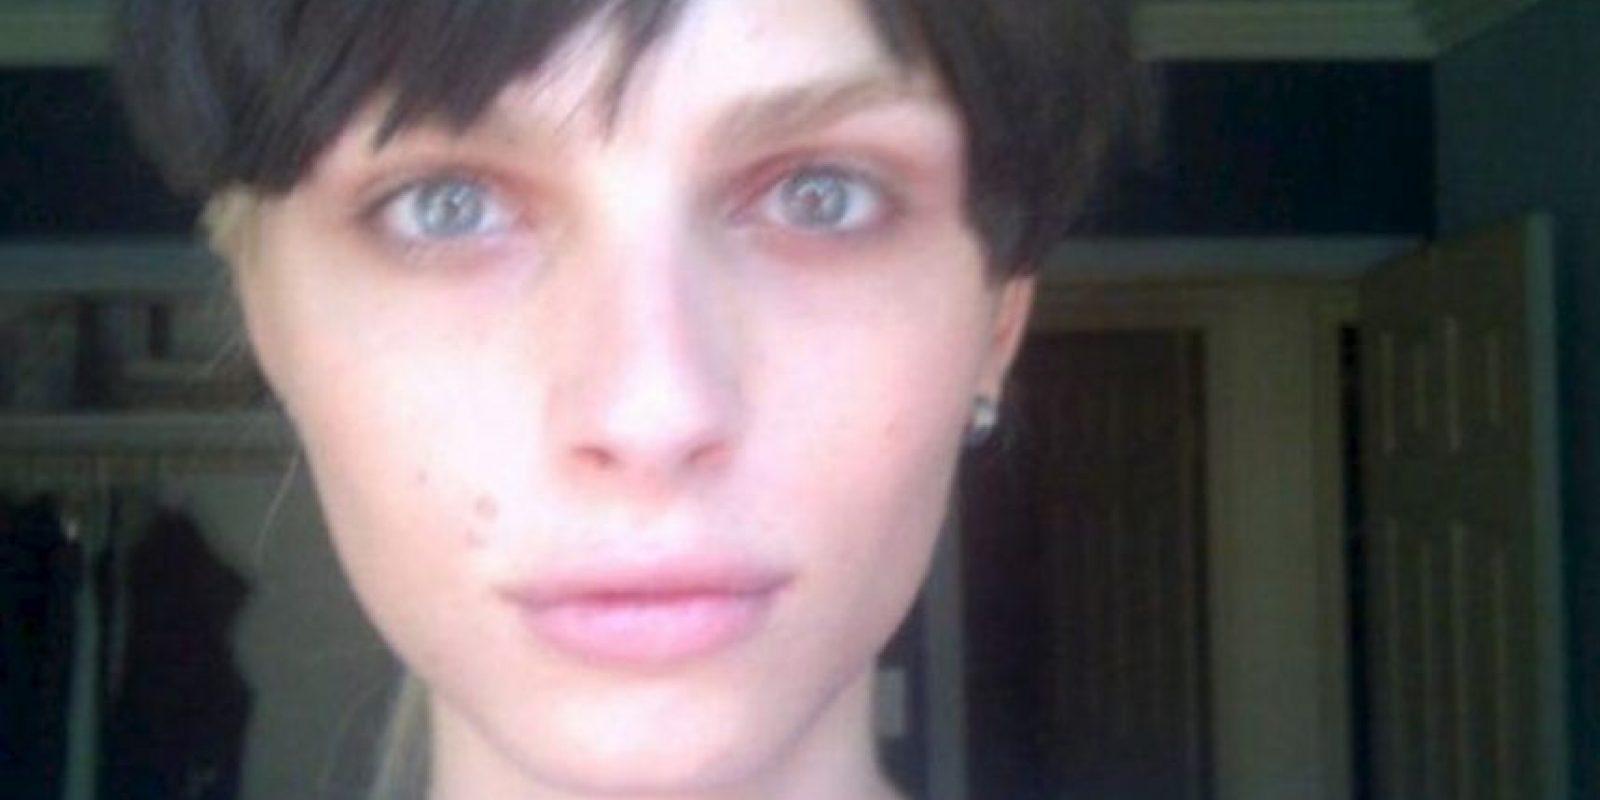 """A principios de 2014 Andrej pasó a ser Andeja, ya que se sometió a una cirugía de reasignación de sexo, de esto conversó con la revista Style, donde informó que """"desde los 13 años estaba destinado a ser mujer y la transición era algo que terminaría por hacer"""". Foto:Twitter"""